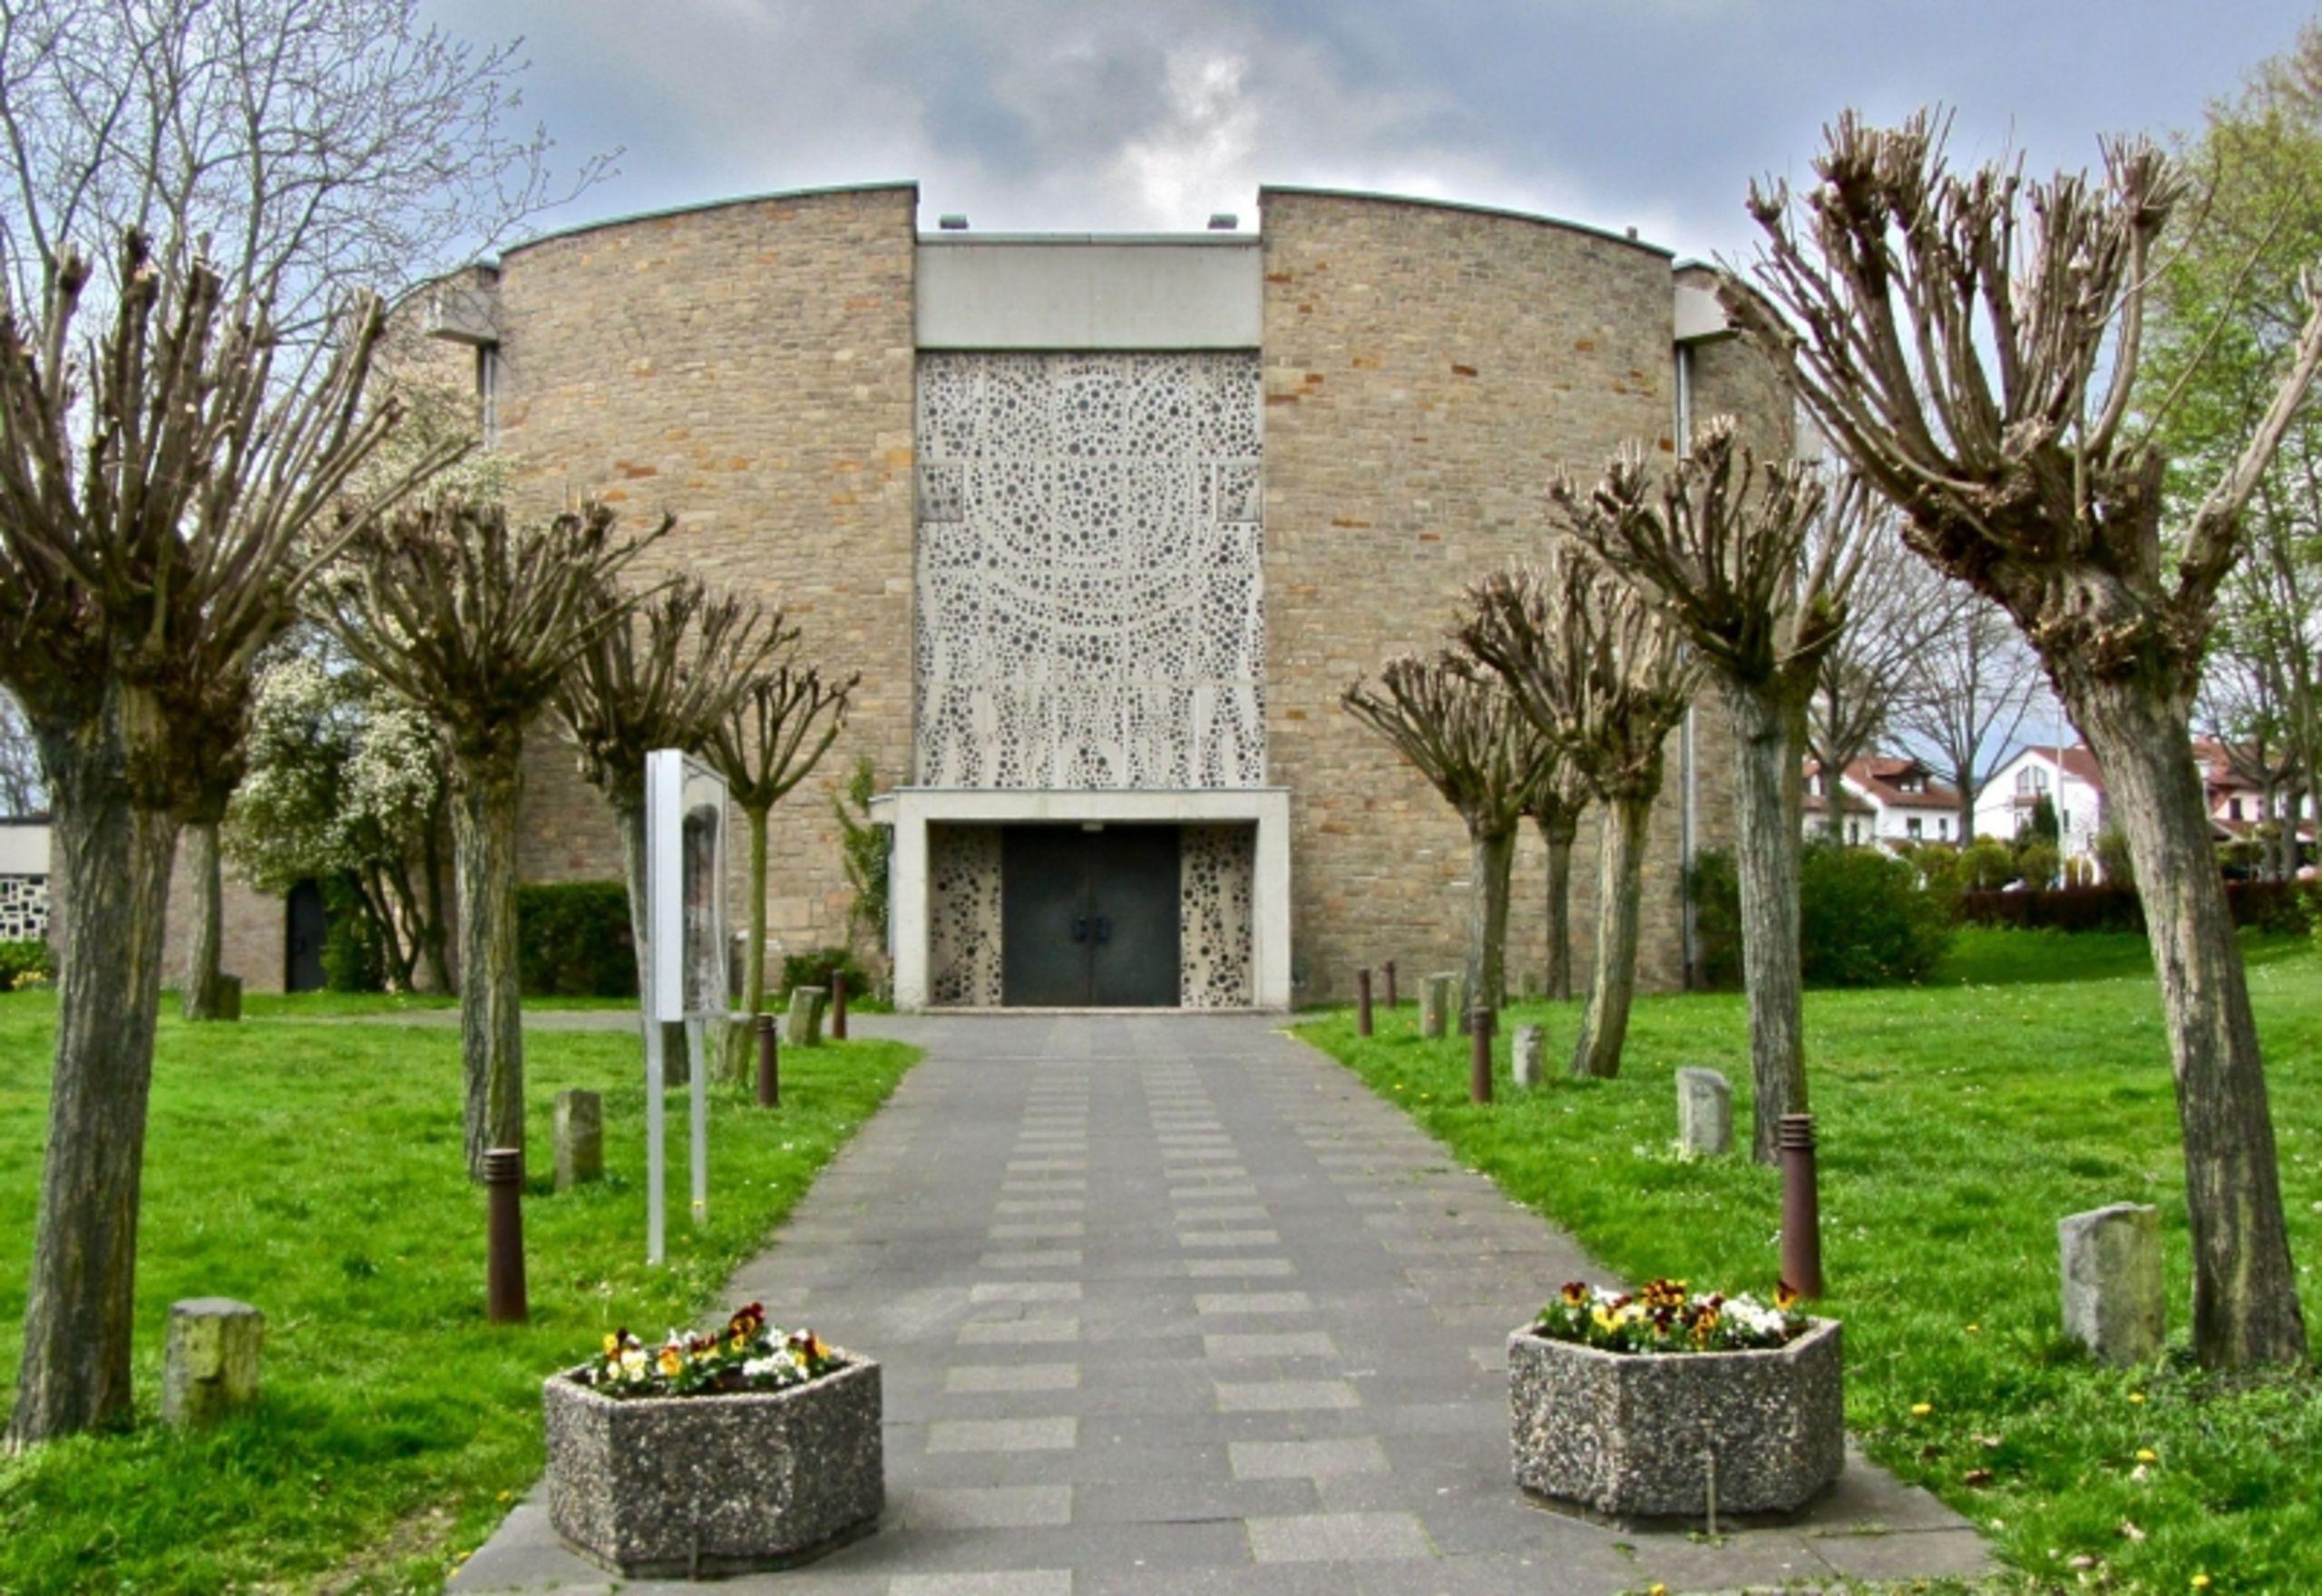 Katholische Kirche - Pfarrgemeinde Herz Jesu, Kassel - St